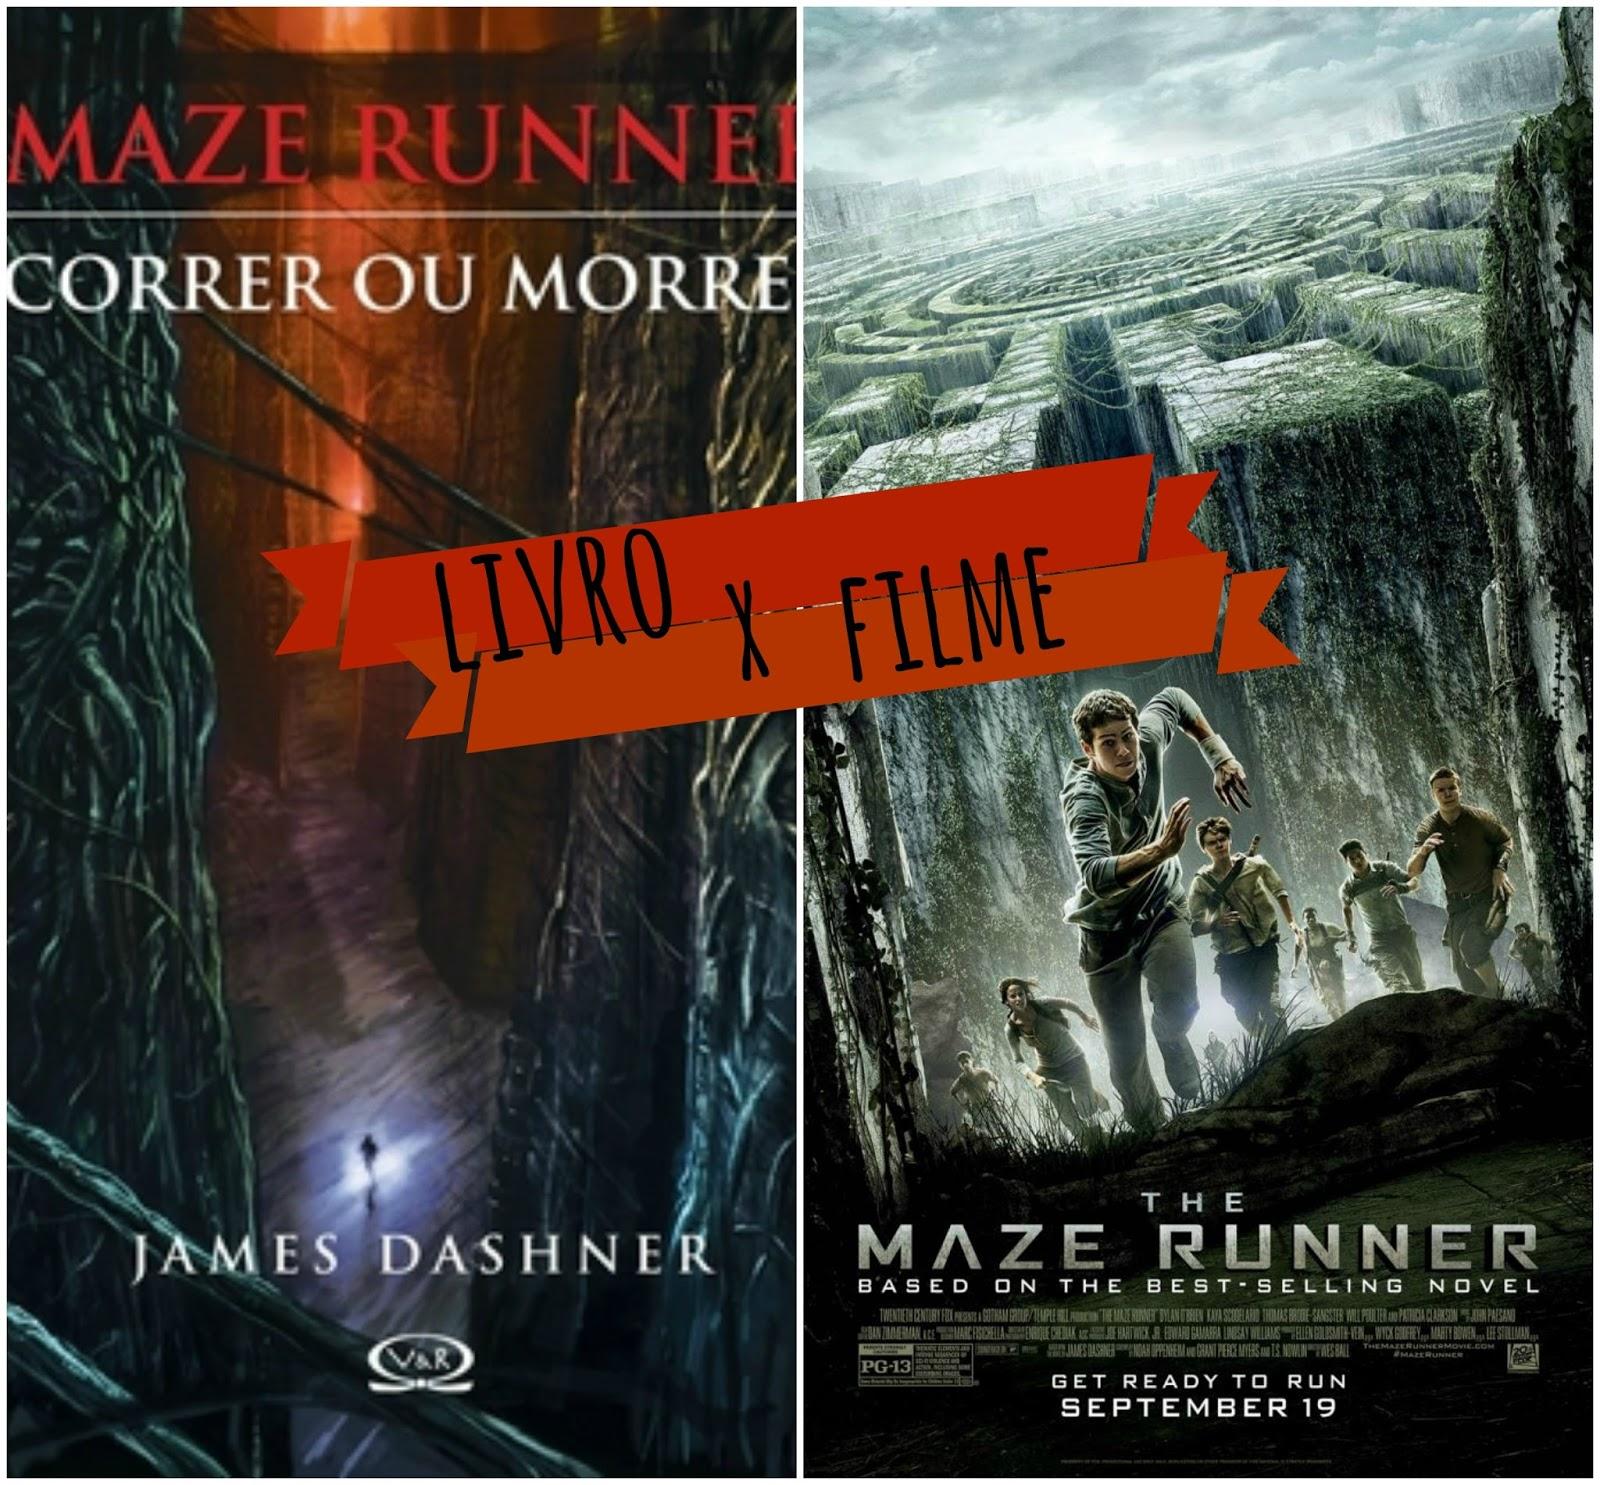 Livro x filme maze runner correr ou morrer